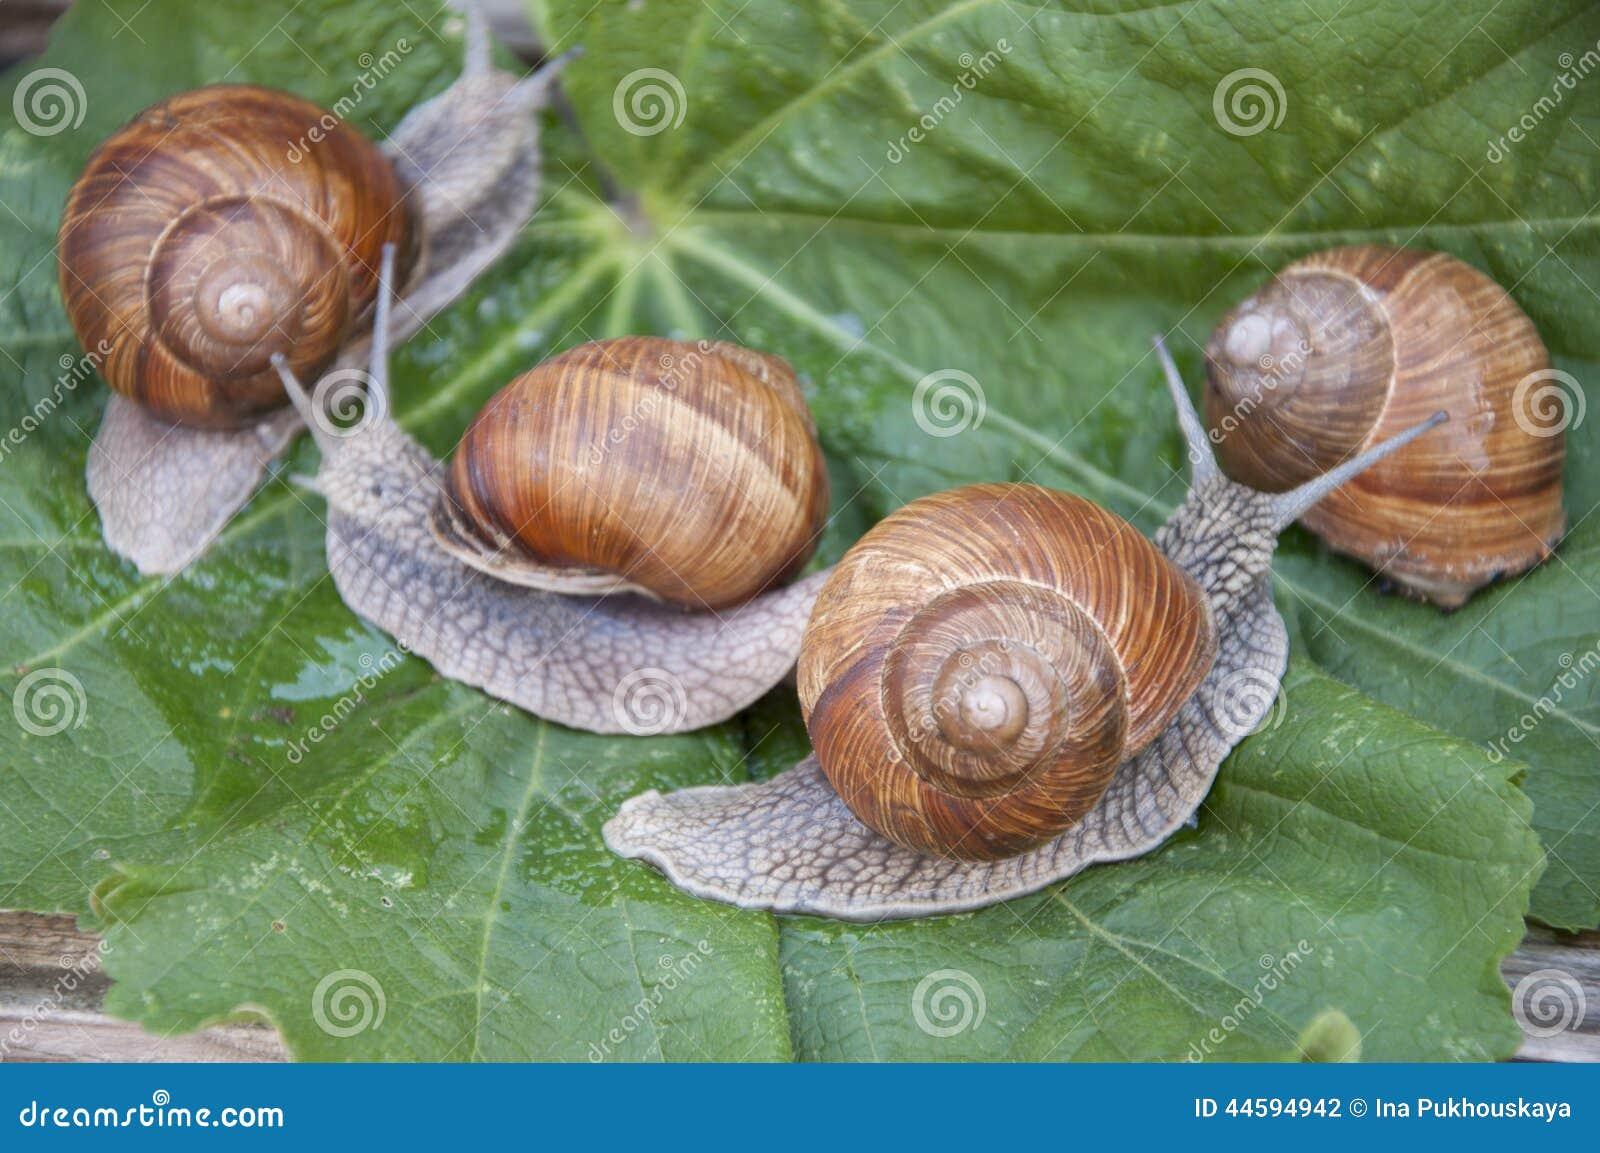 """Résultat de recherche d'images pour """"photo de 4 escargots"""""""